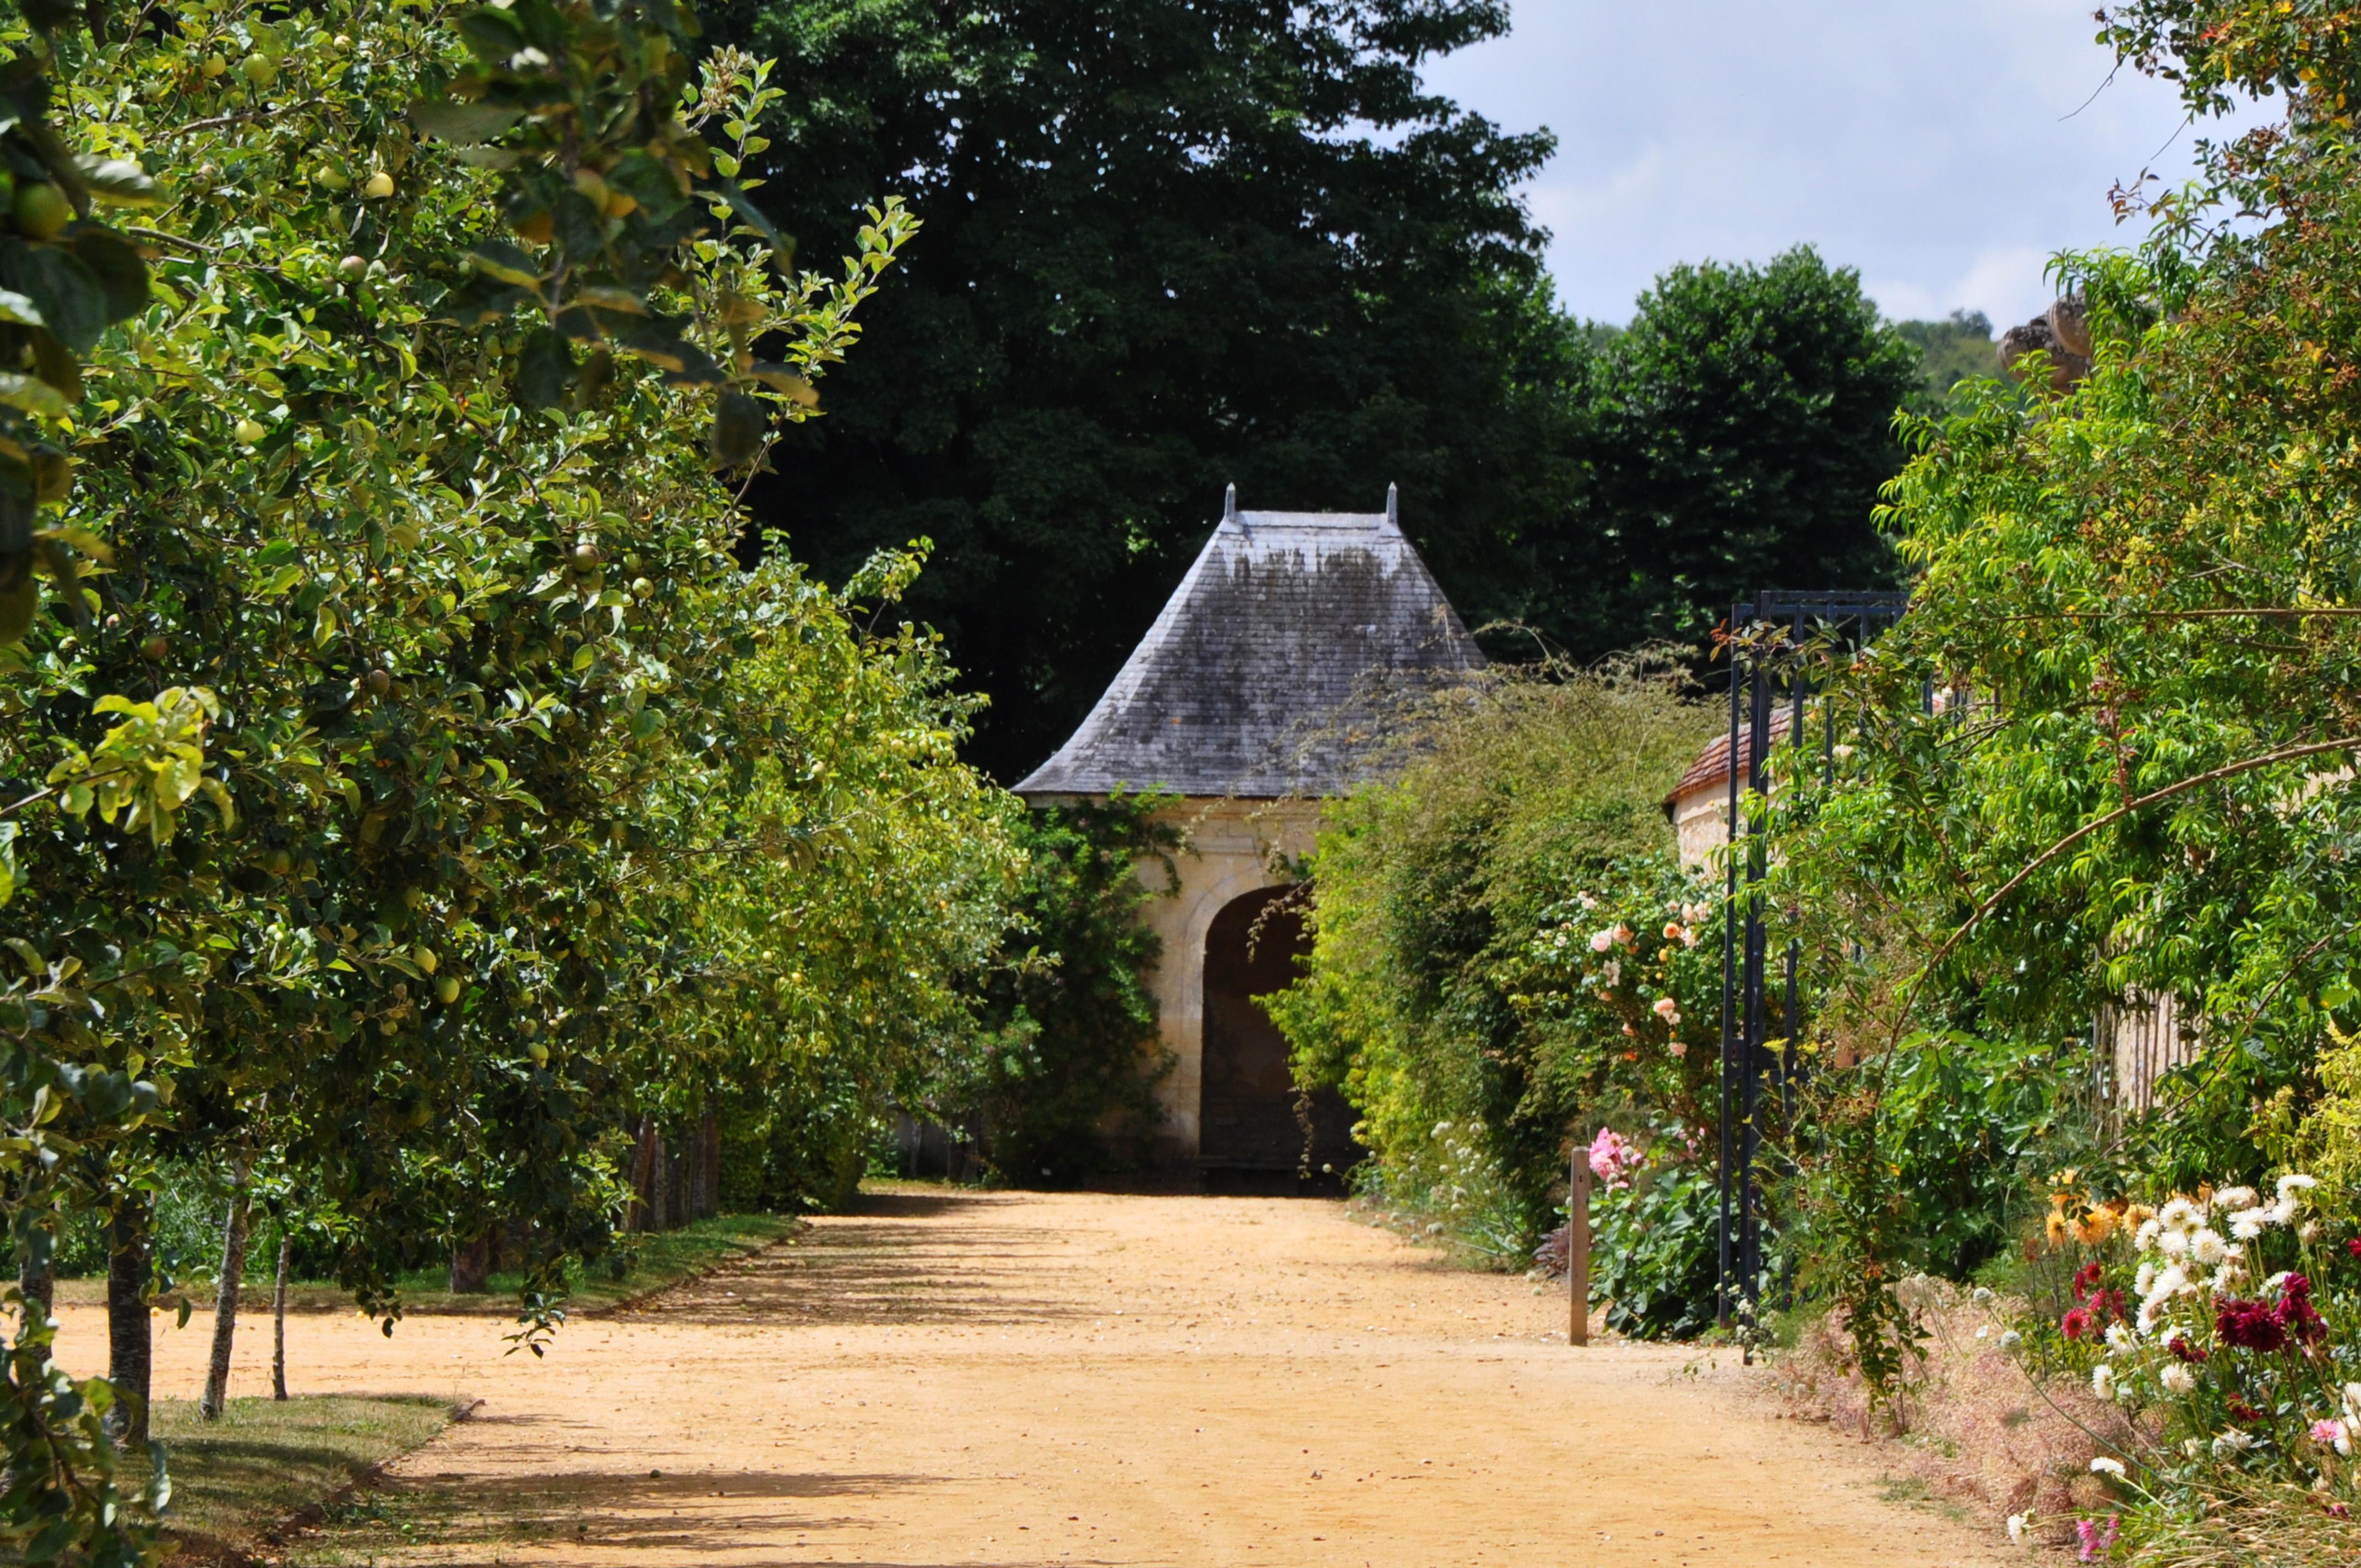 File:Abri De Jardin, La Roche Guyon (France)